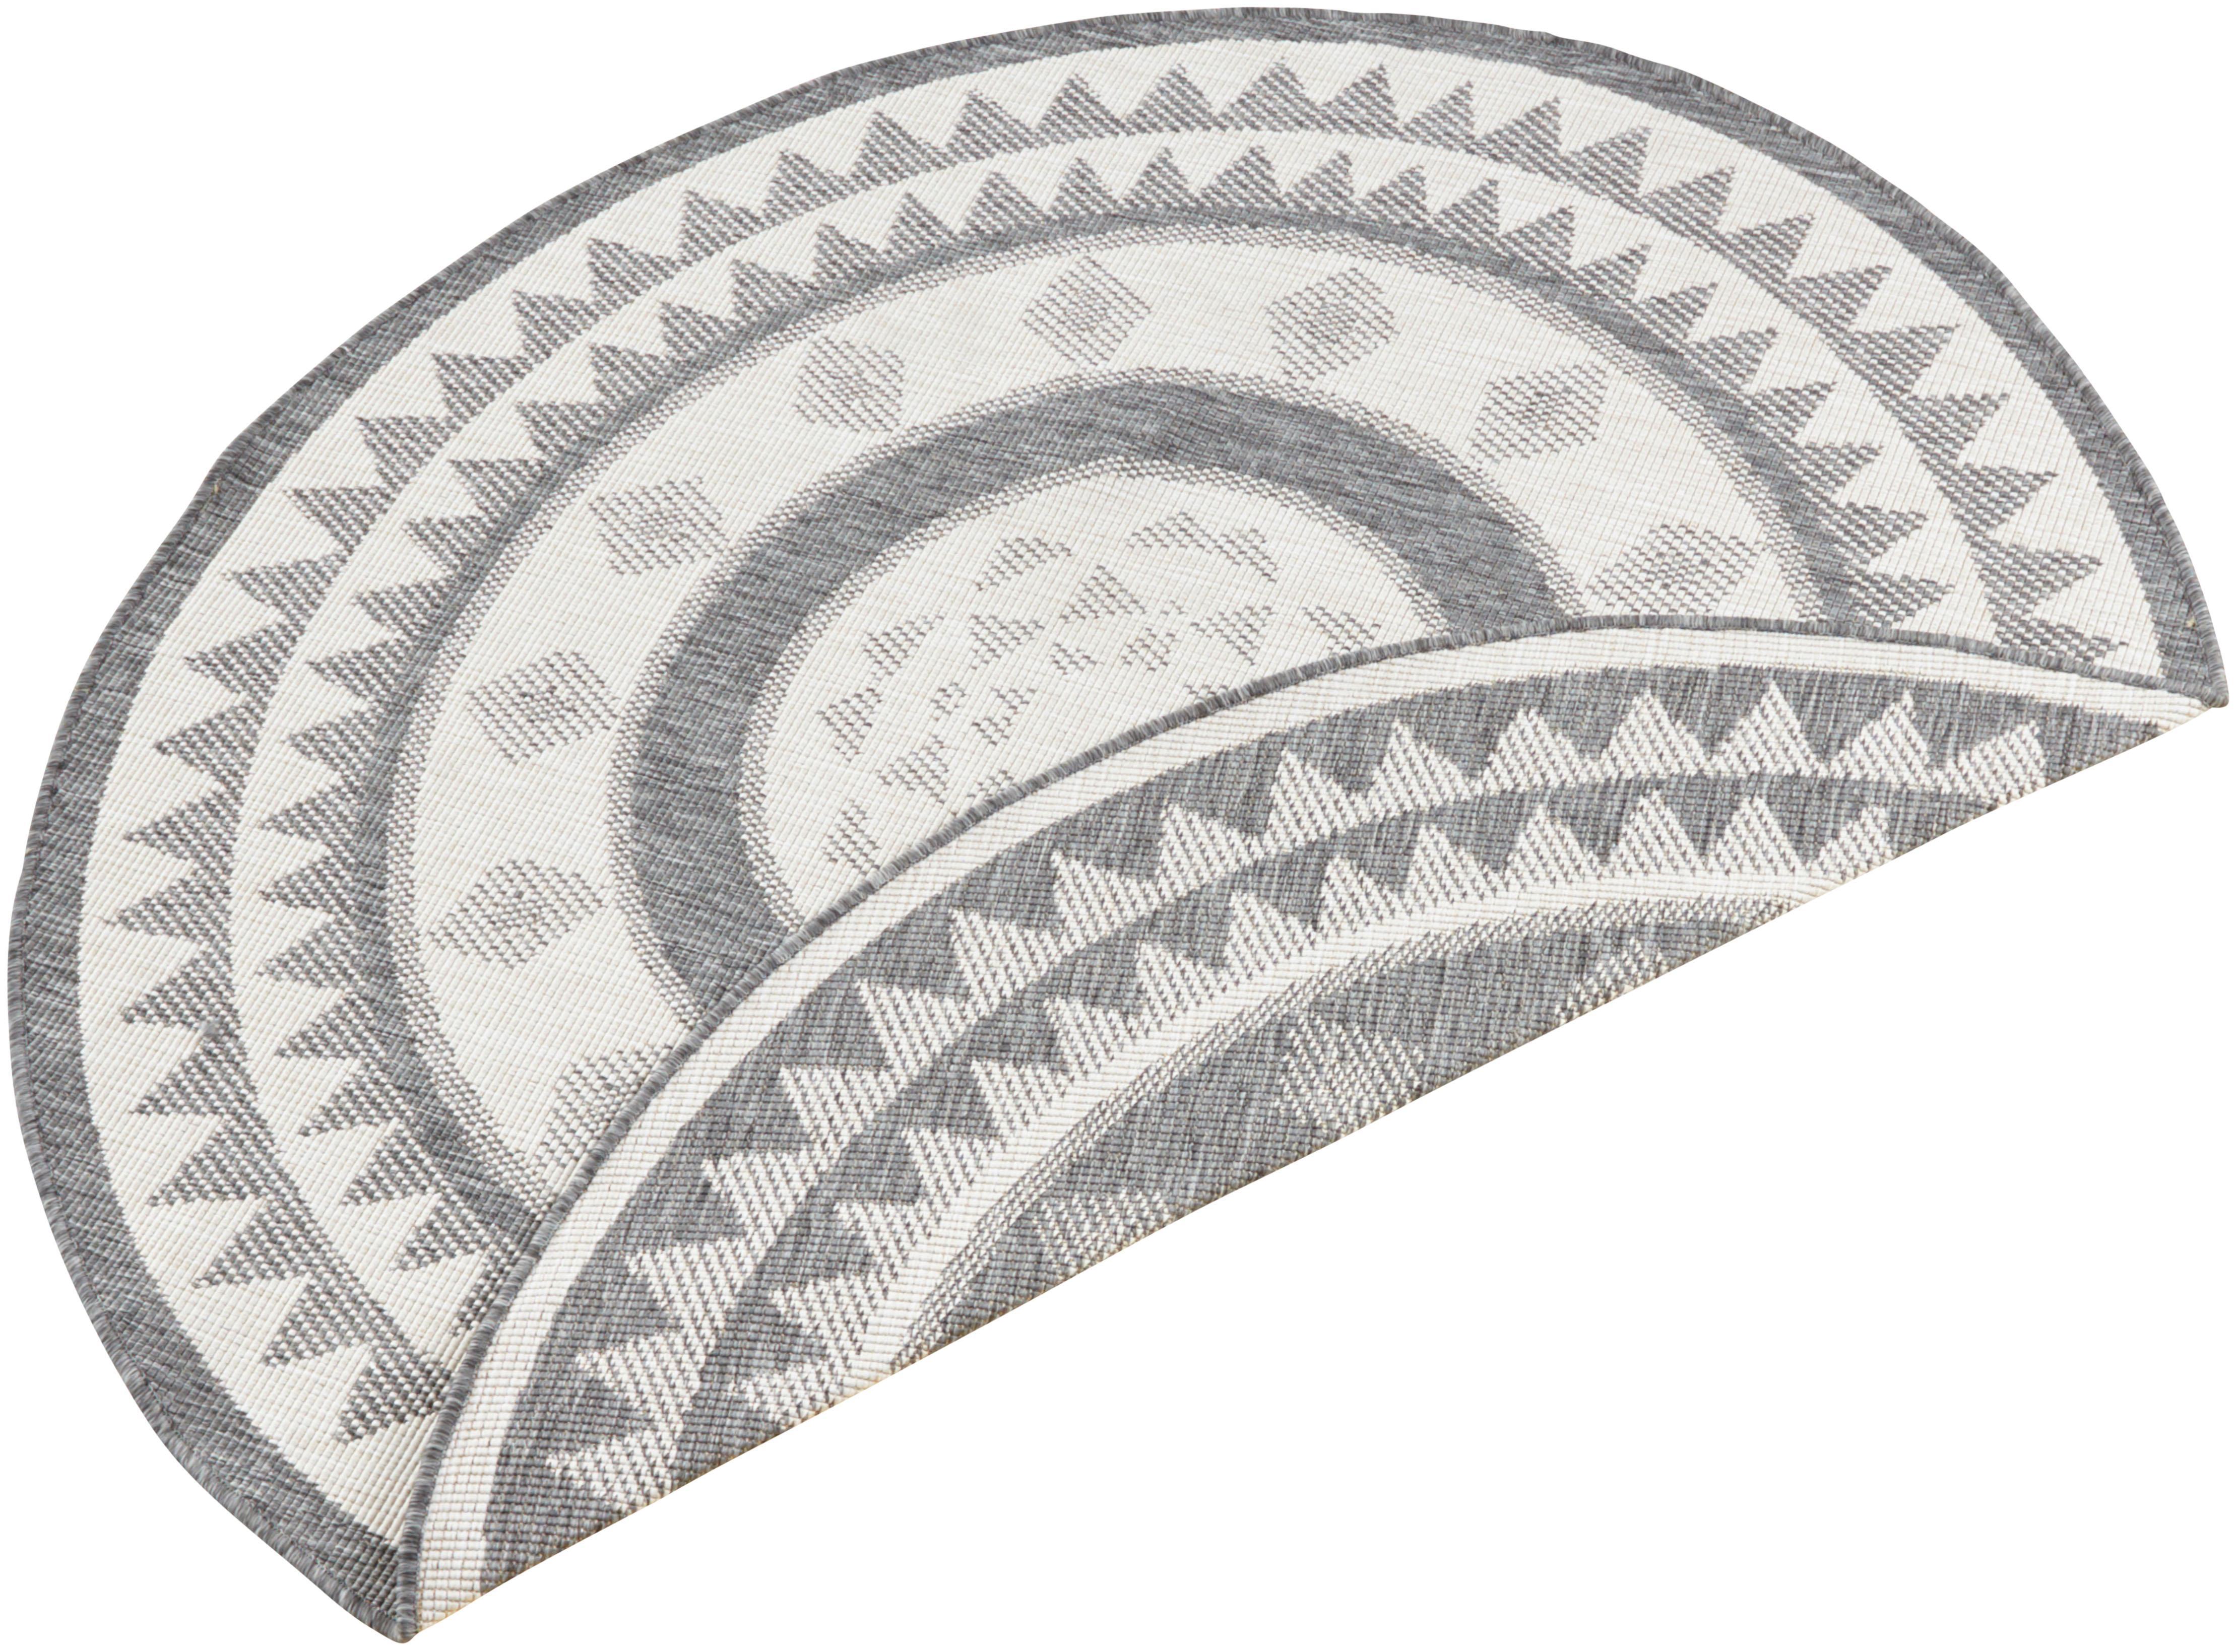 Teppich, »Jamaica«, bougari, rund, Höhe 5 mm, maschinell gewebt | Heimtextilien > Teppiche > Sonstige-Teppiche | Grau | BOUGARI